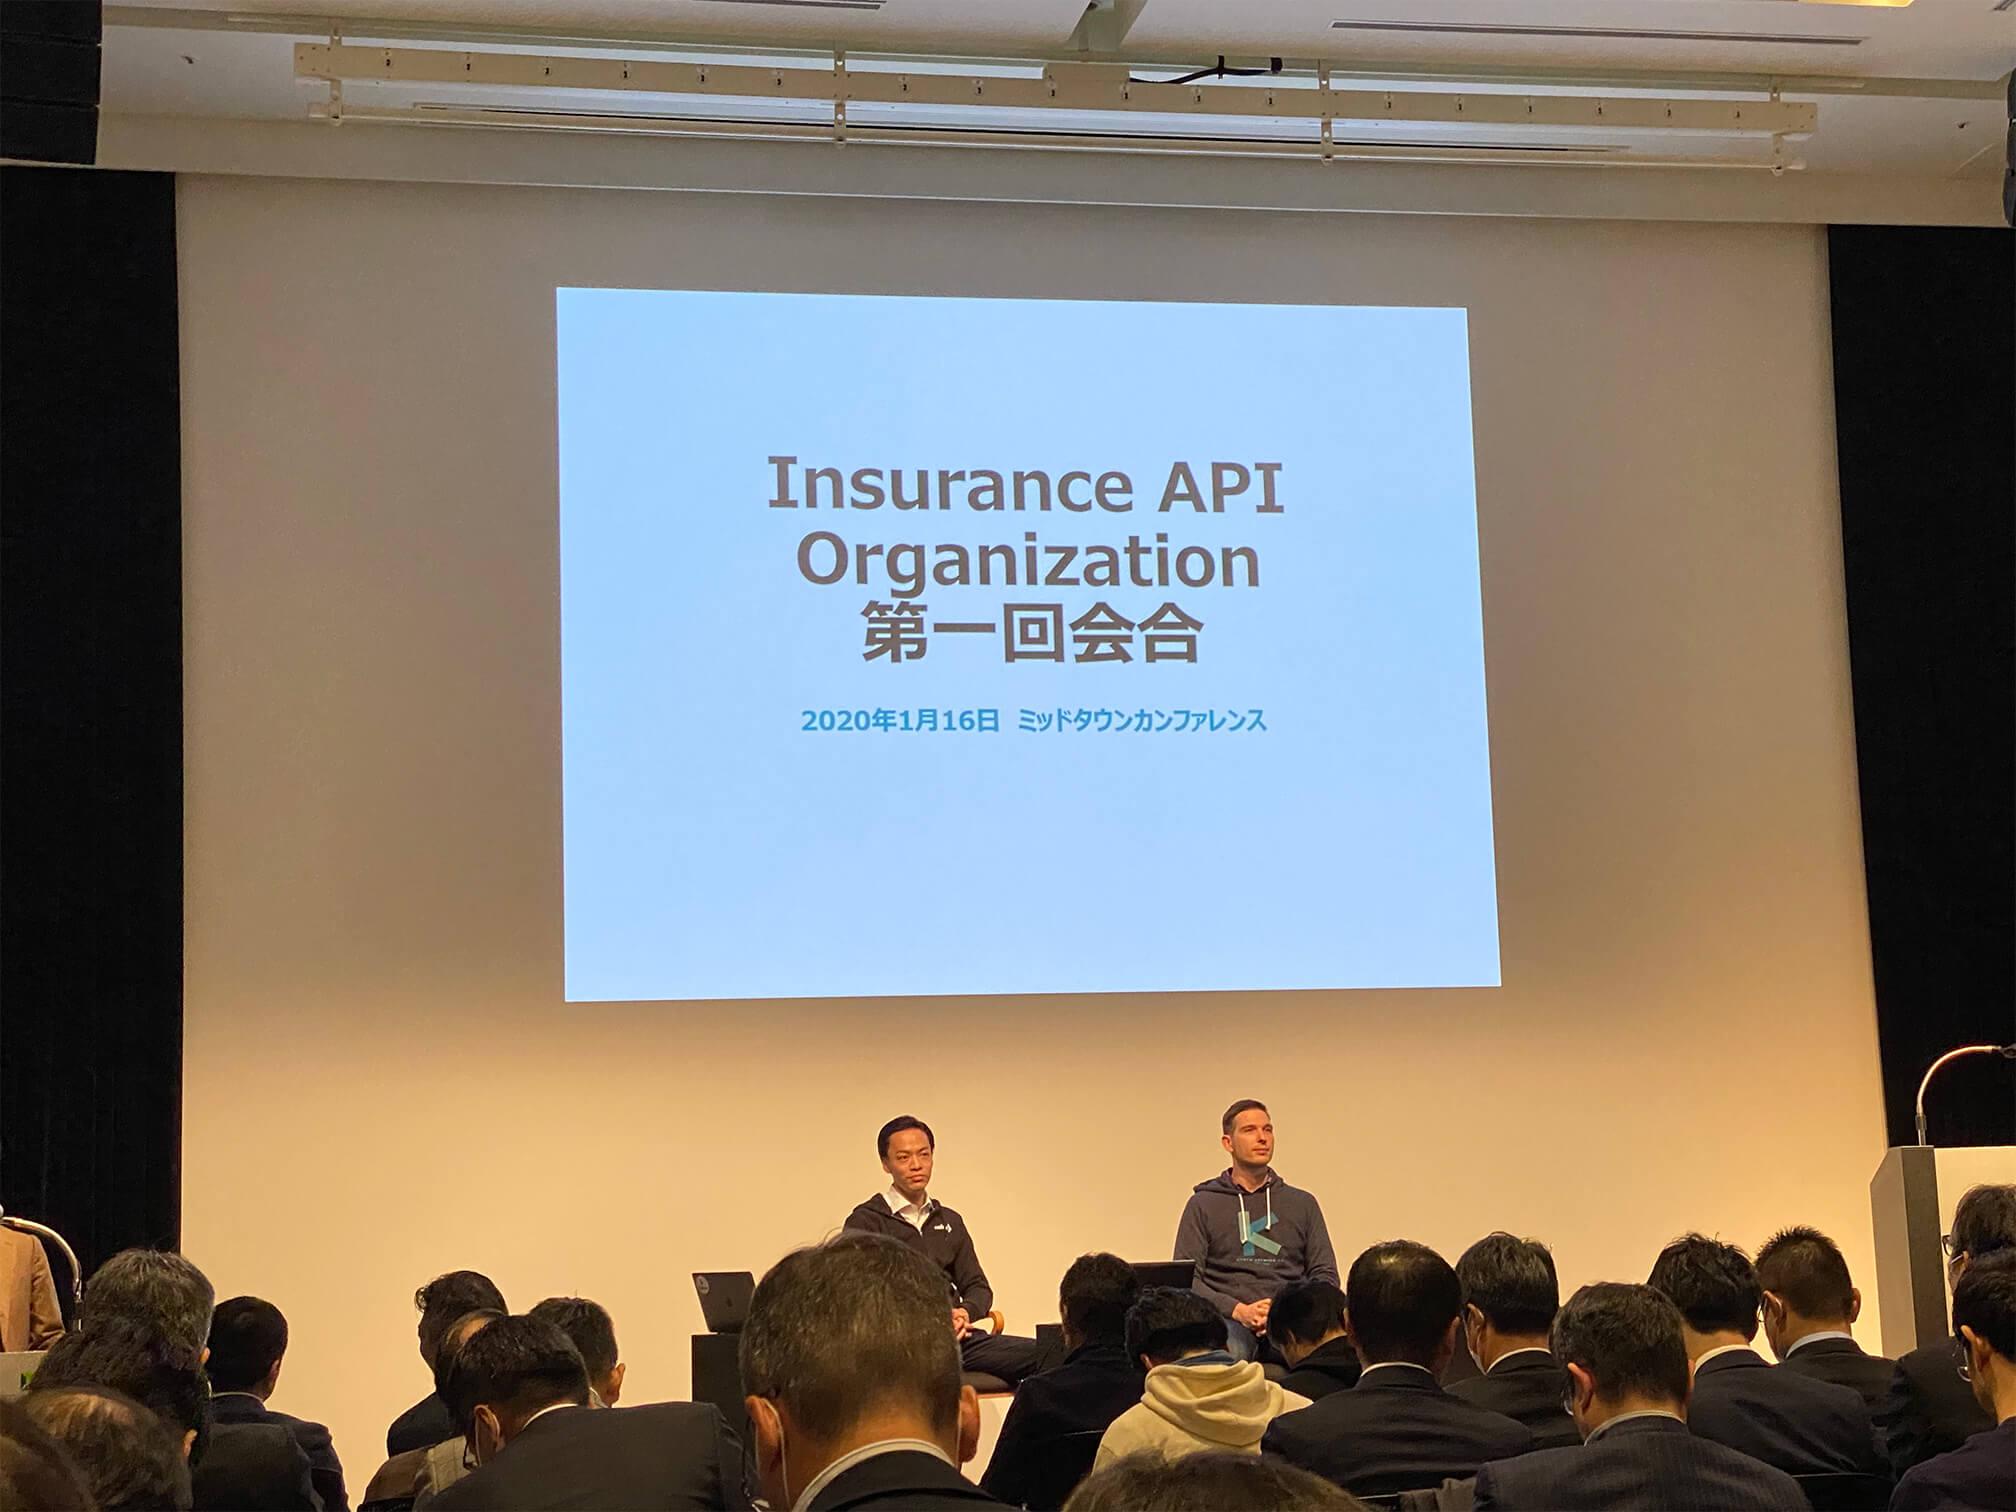 オープンAPIでアップデートする、新しい保険の形|Insurance API organizationイベントレポート